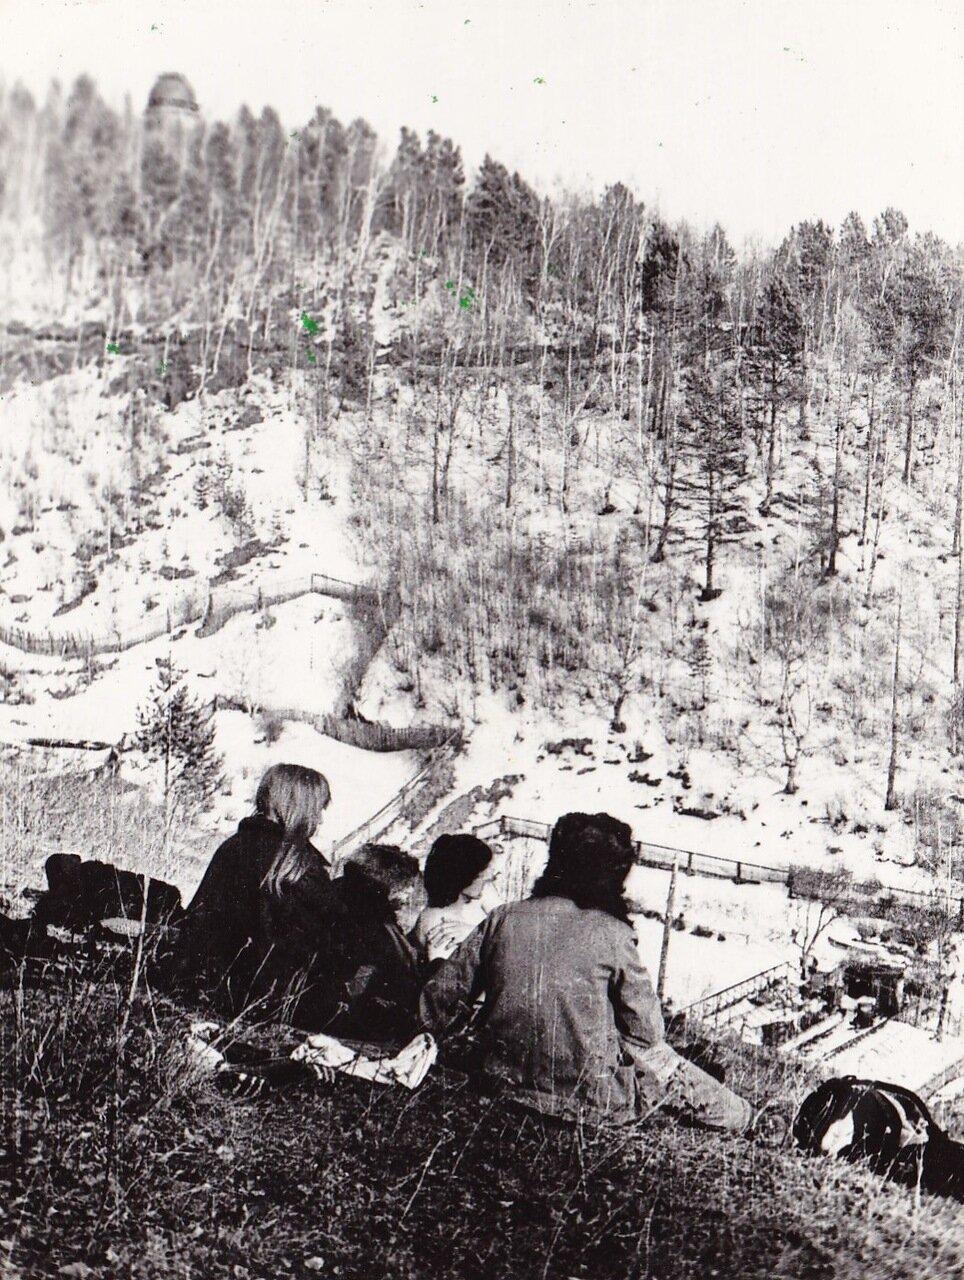 1989. Янка на Байкале в поселке Листвянка. Я считаю ее самой атмосферной фотографией из всего байкальского сета